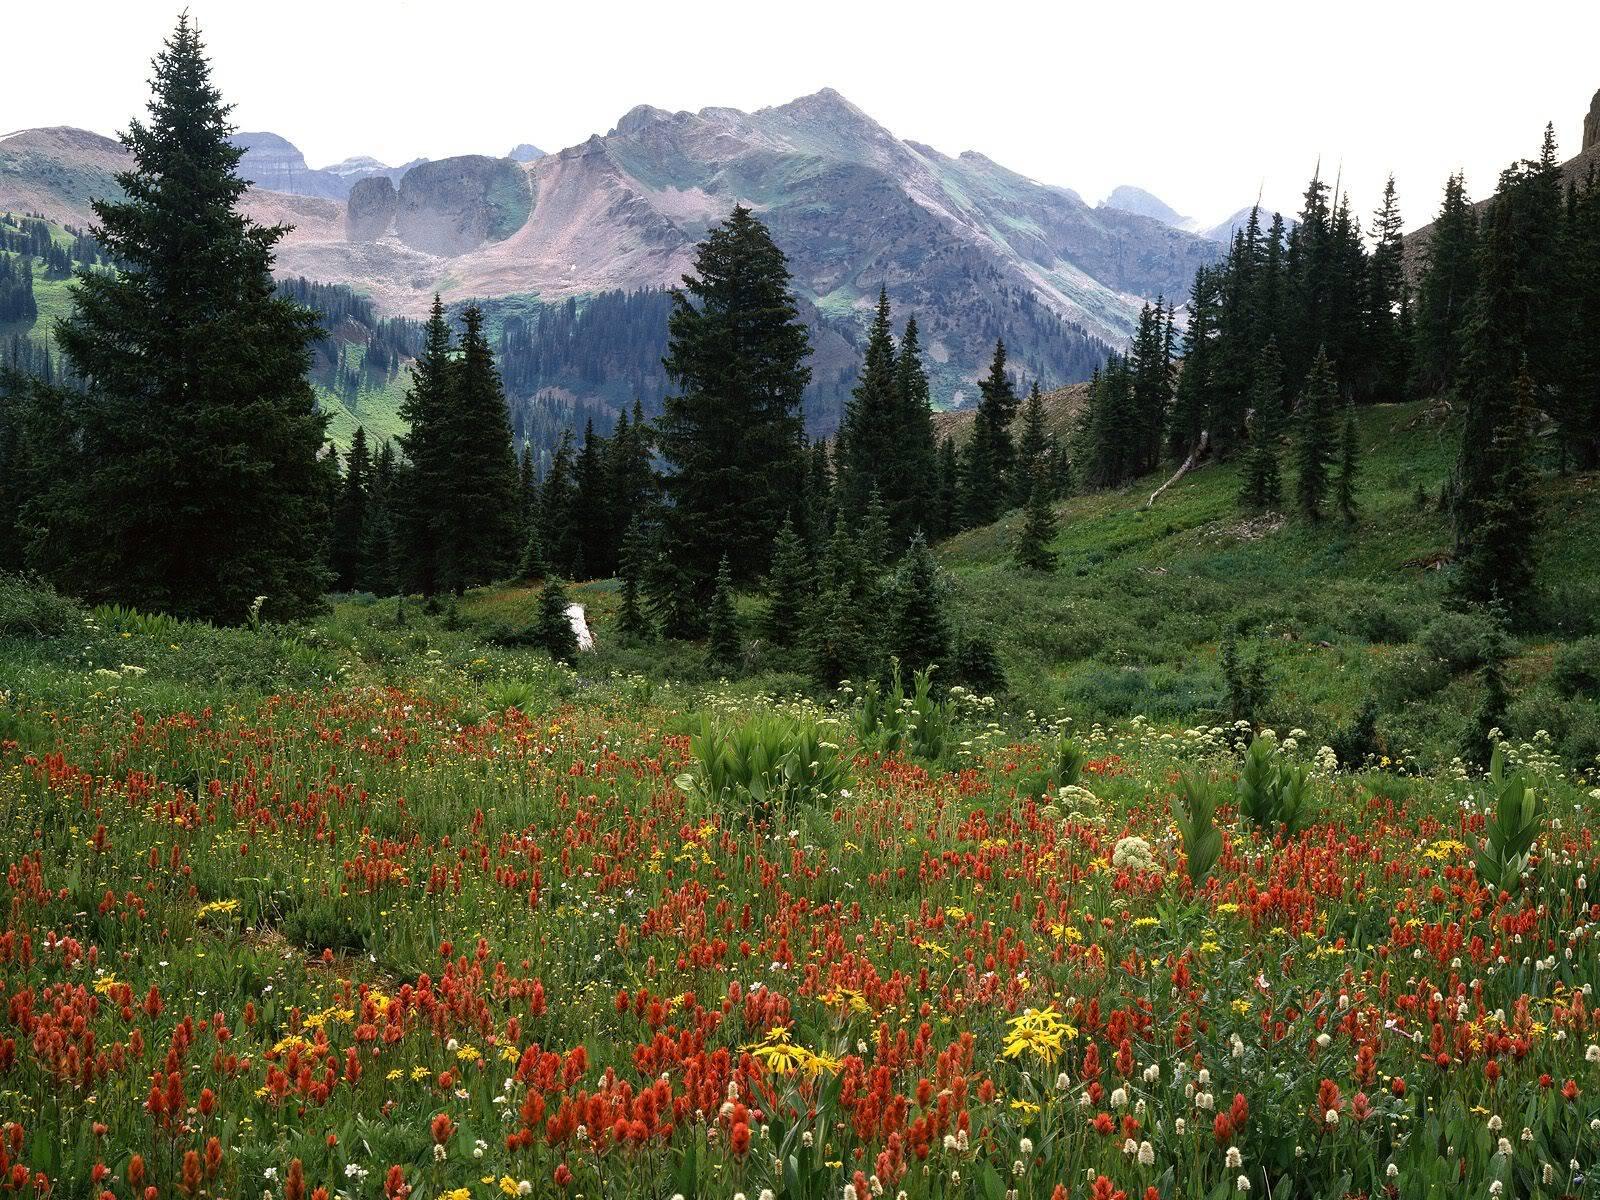 நான் ரசித்த இயற்கை காட்சில் சில உங்களுக்காக....2 - Page 6 BloomingWildflowersLaPlataMountains